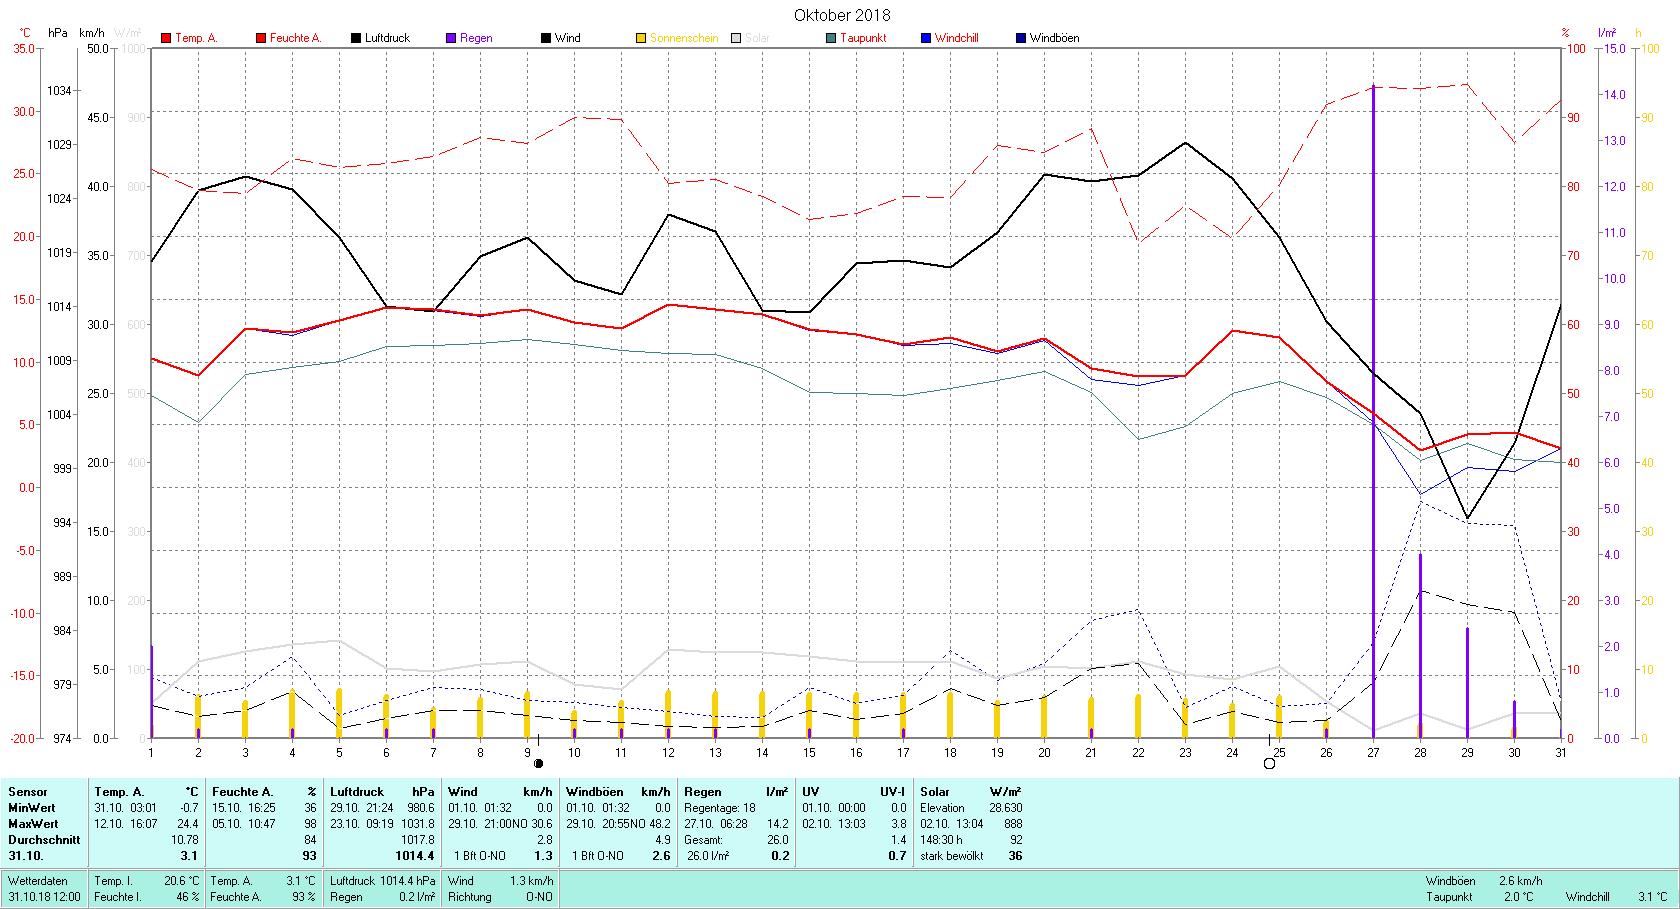 Oktober 2018 Tmin -0.7°C, Tmax 24.4°C, Sonne 148:30 h, Niederschlag 26.0mm/2